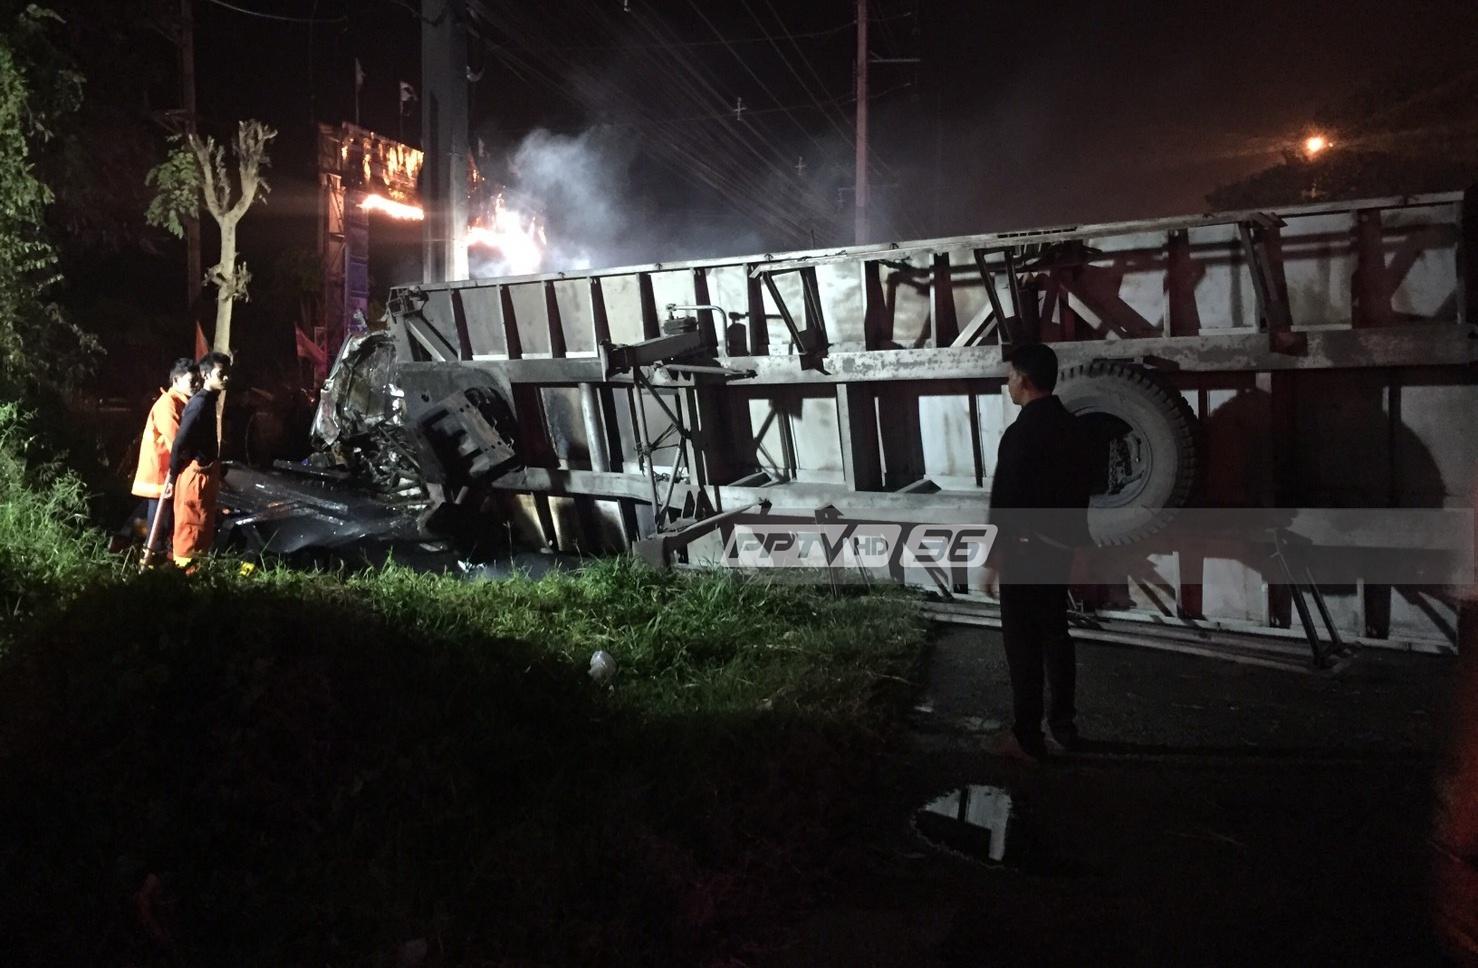 รถบรรทุก 18 ล้อพลิกคว่ำ เพลิงไหม้รุนแรง เสียชีวิตทันที 2 ราย